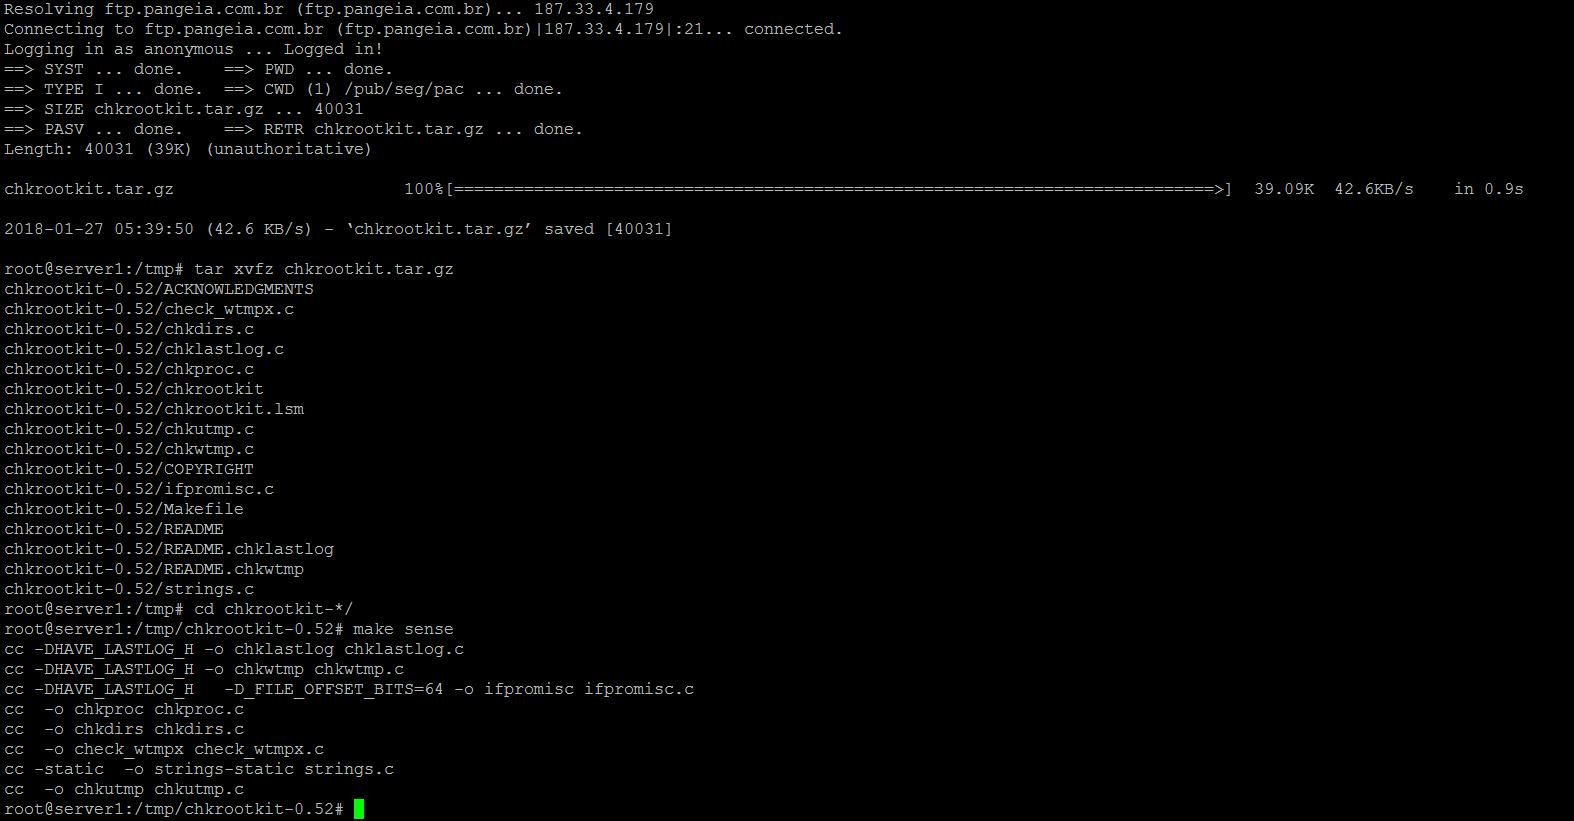 15569588879671 آشنایی با سه ابزار امنیتی جهت شناسایی ویروس ها و maleware ها در لینوکس